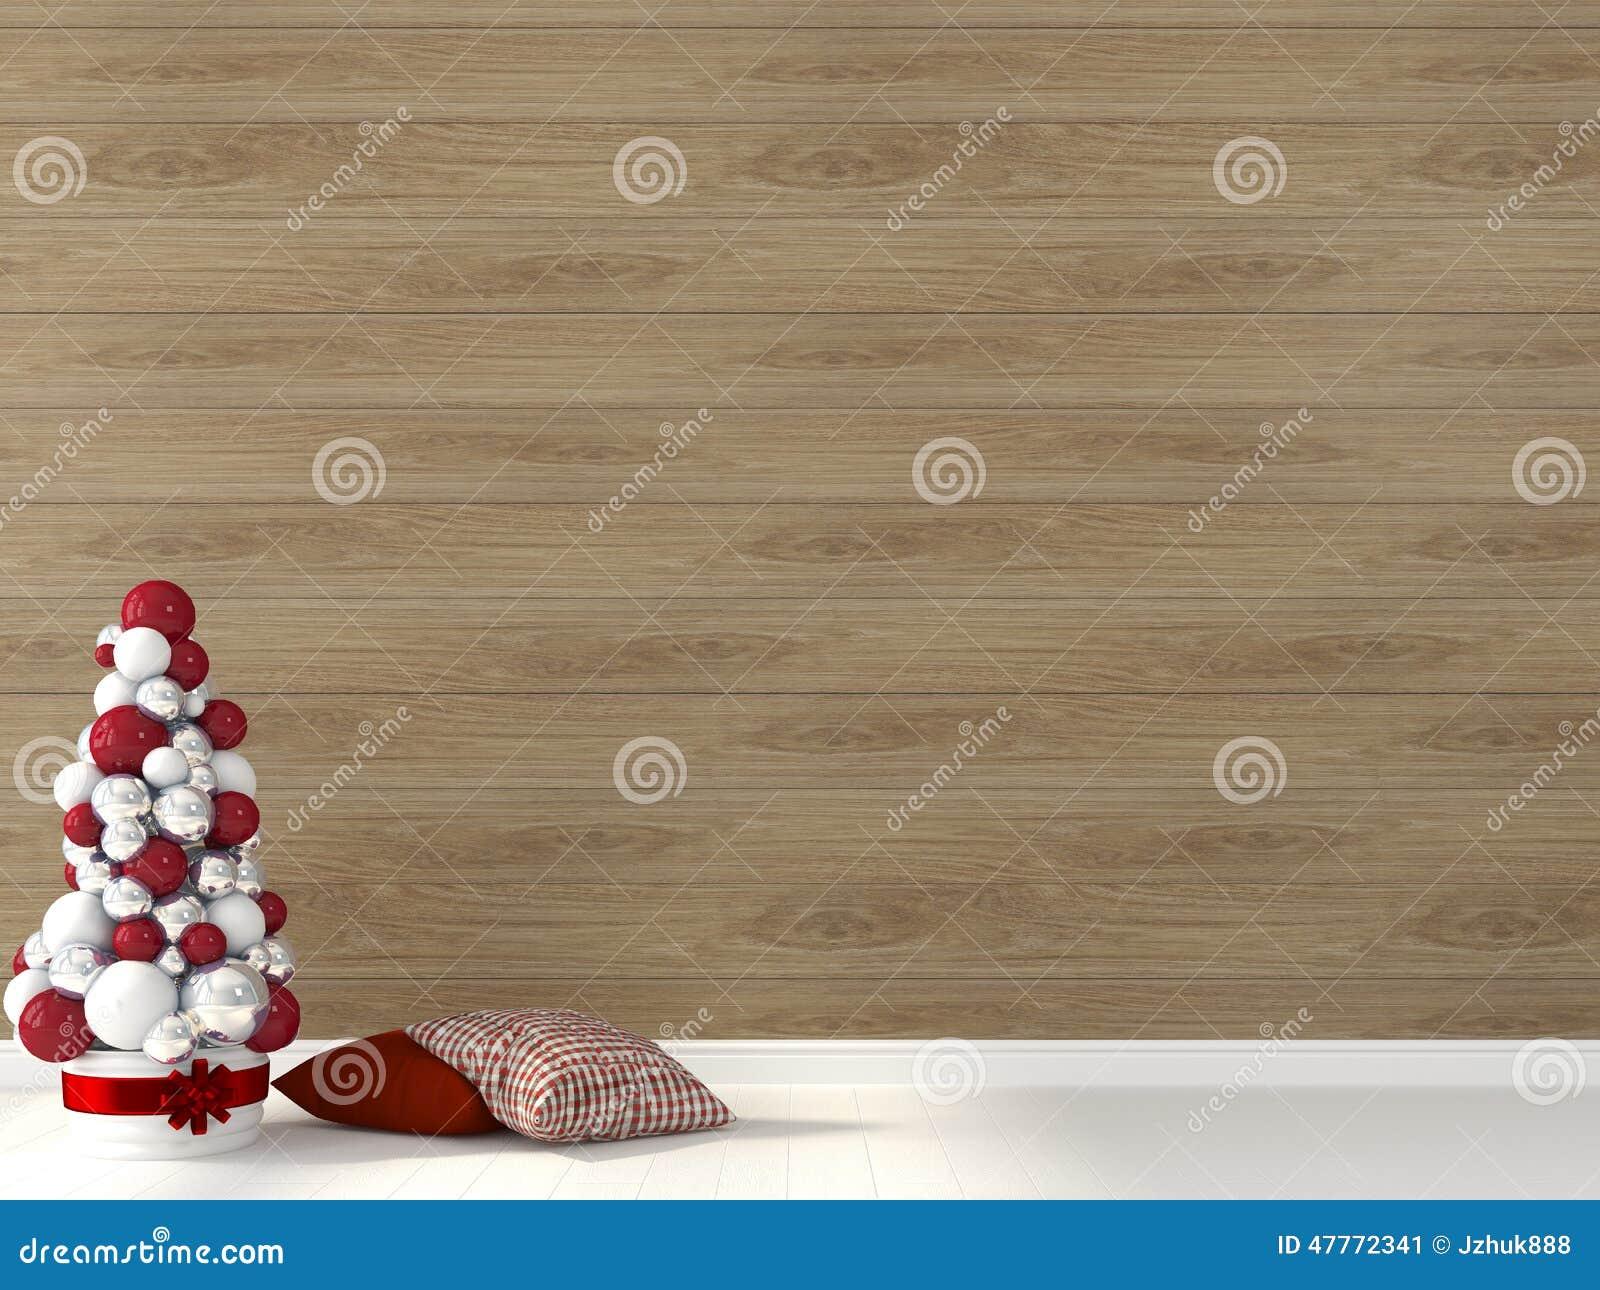 Alberi Di Natale In Legno Da Appendere : Albero di natale stilizzato contro lo sfondo della parete di legno